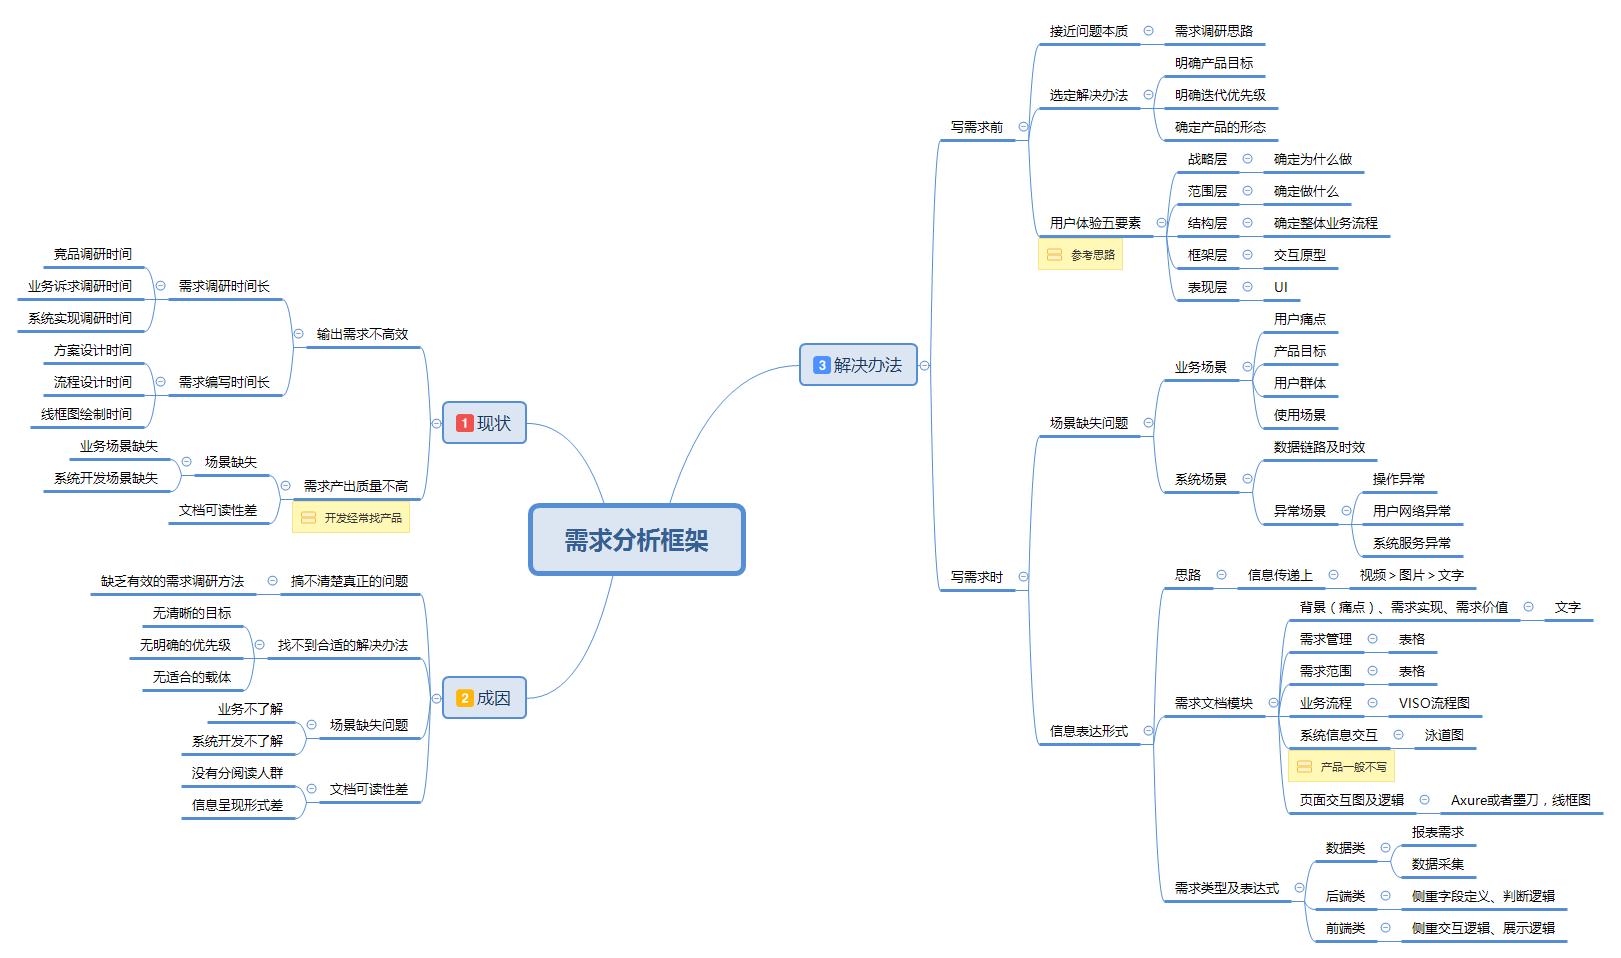 方法论:产品经理写好一份需求的系统化思考模型